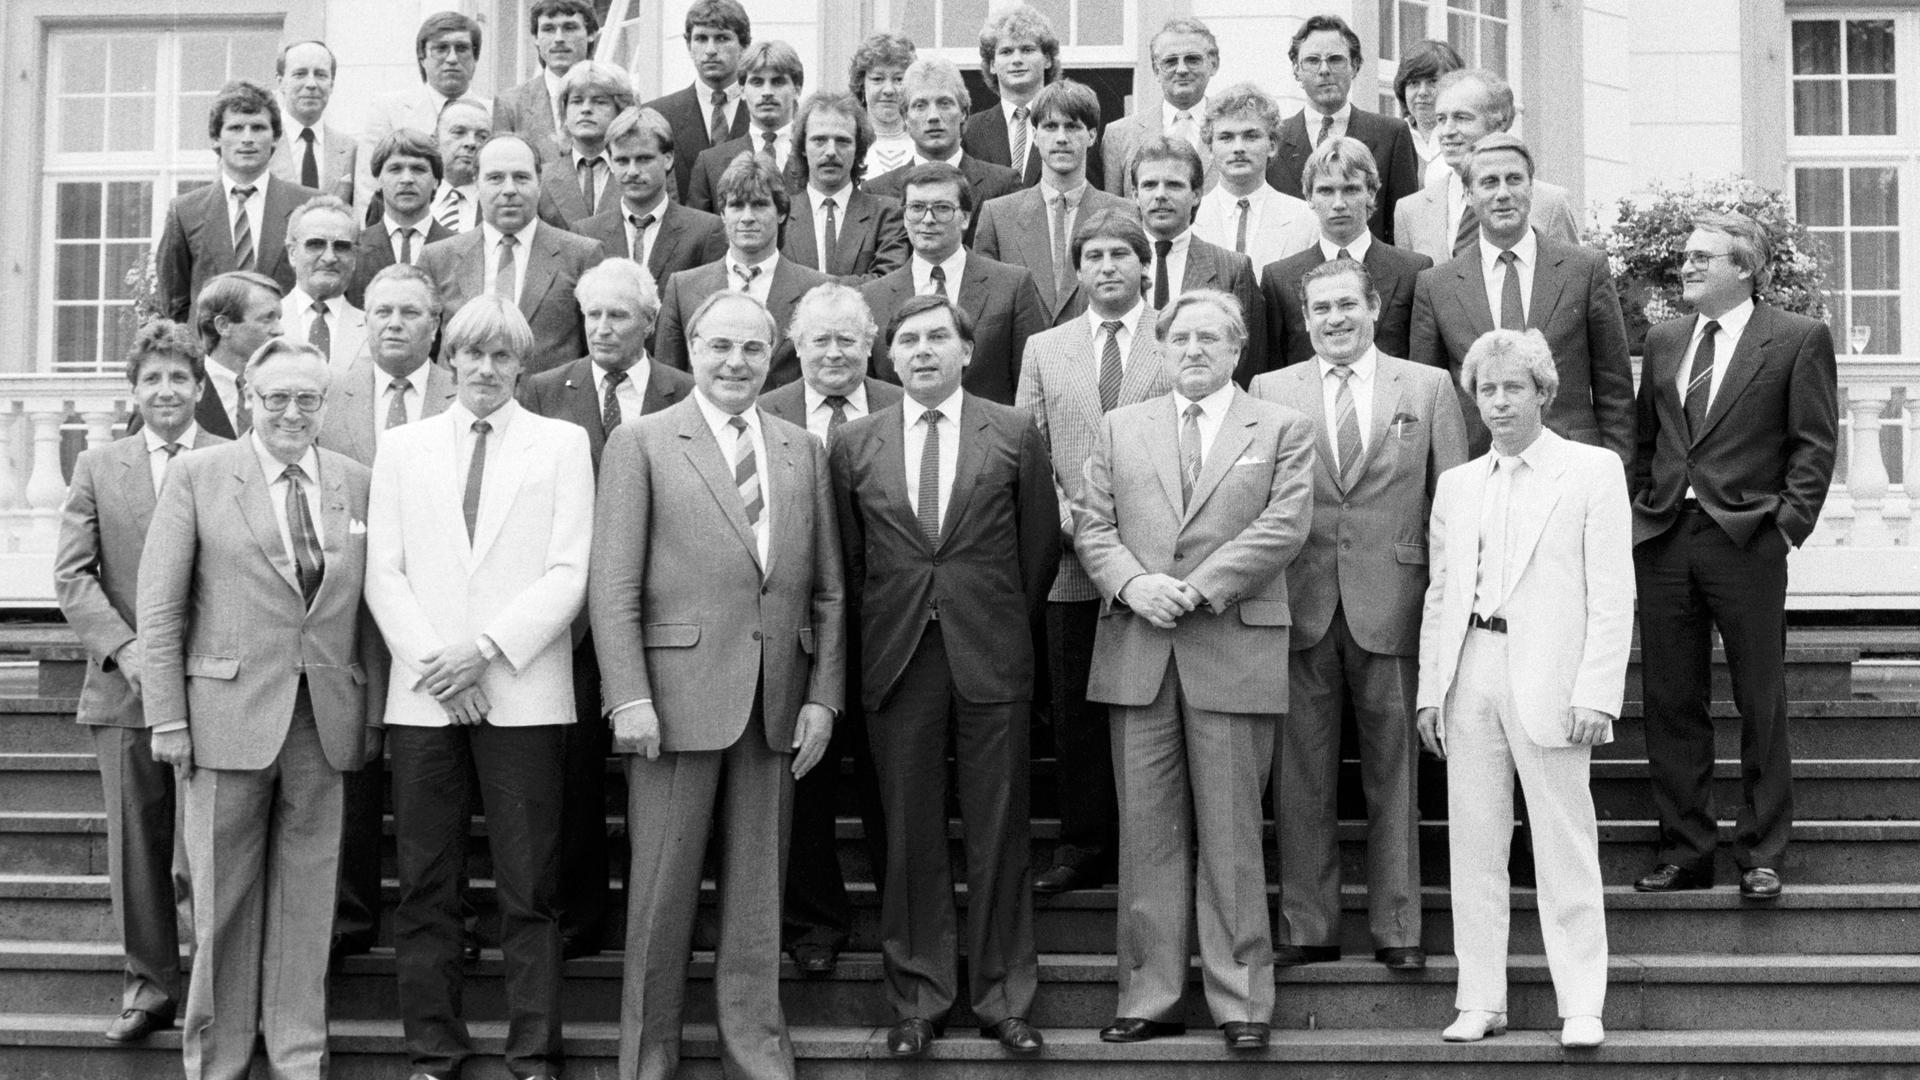 KSC beim Kanzler: Auf dem Foto mit Helmut Kohl (vordere Reihe, Dritter von links) ist Stephan Groß in der vierten Reihe ganz links zu sehen.